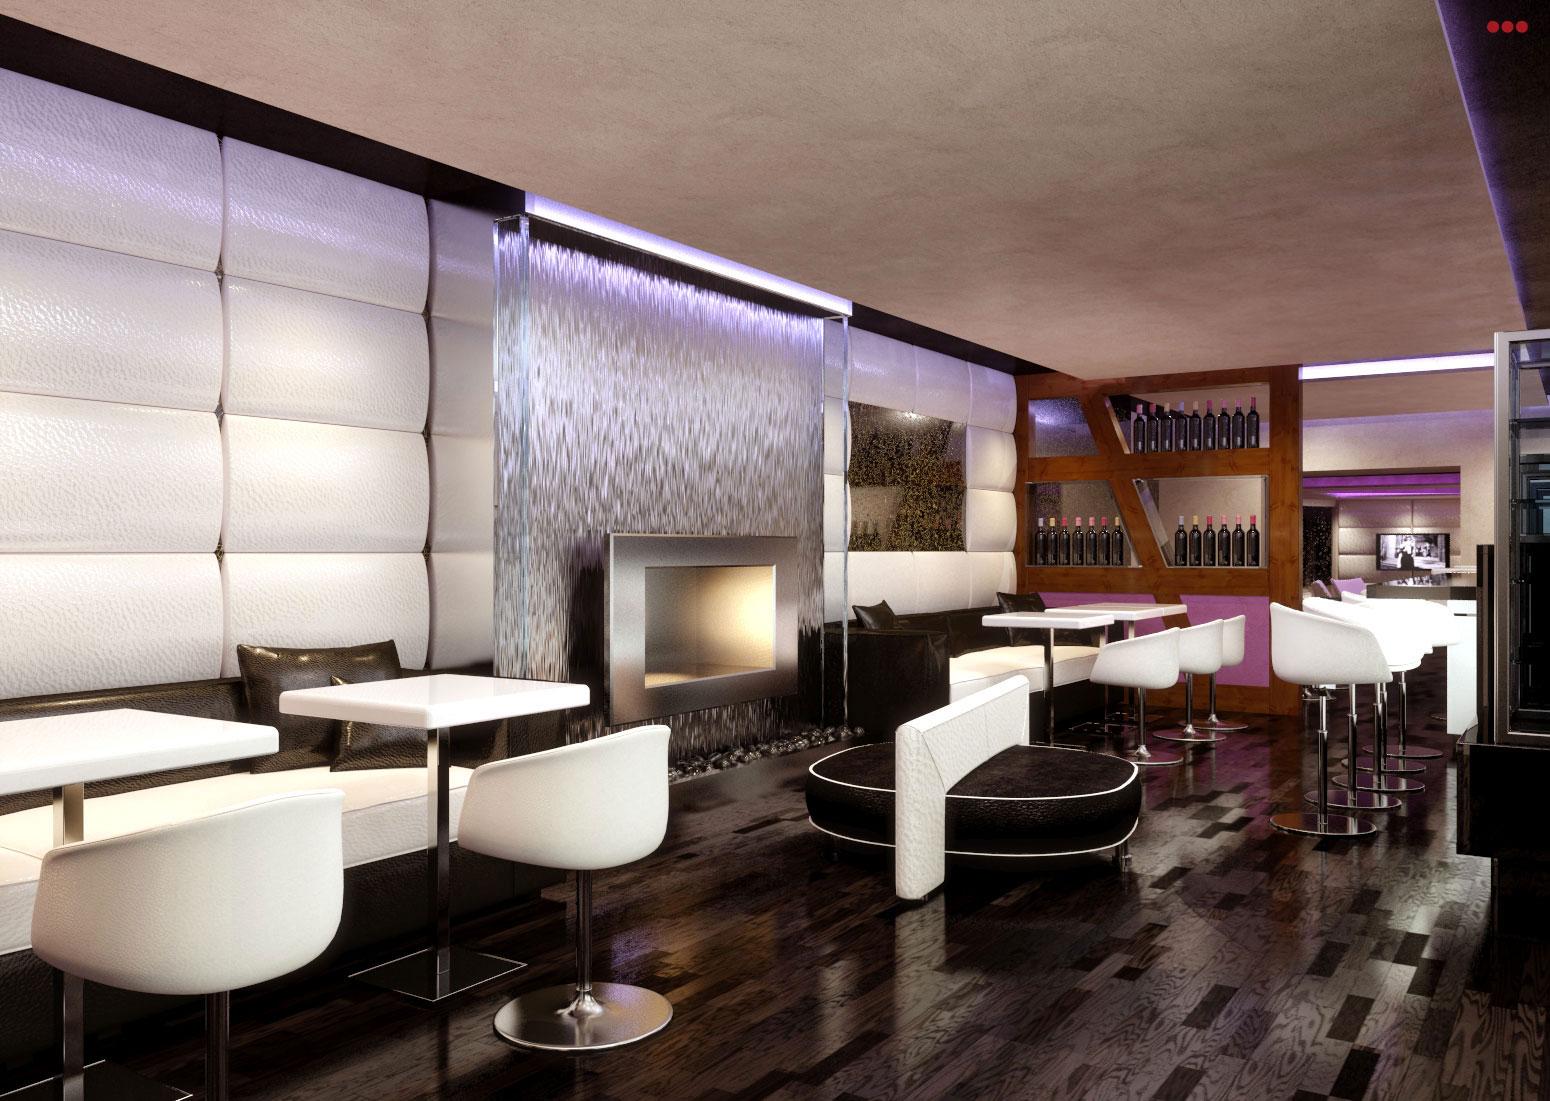 rendering progettazioine grafica 3d negozi bar contract sala camino bar Rimini Pesaro Riccione